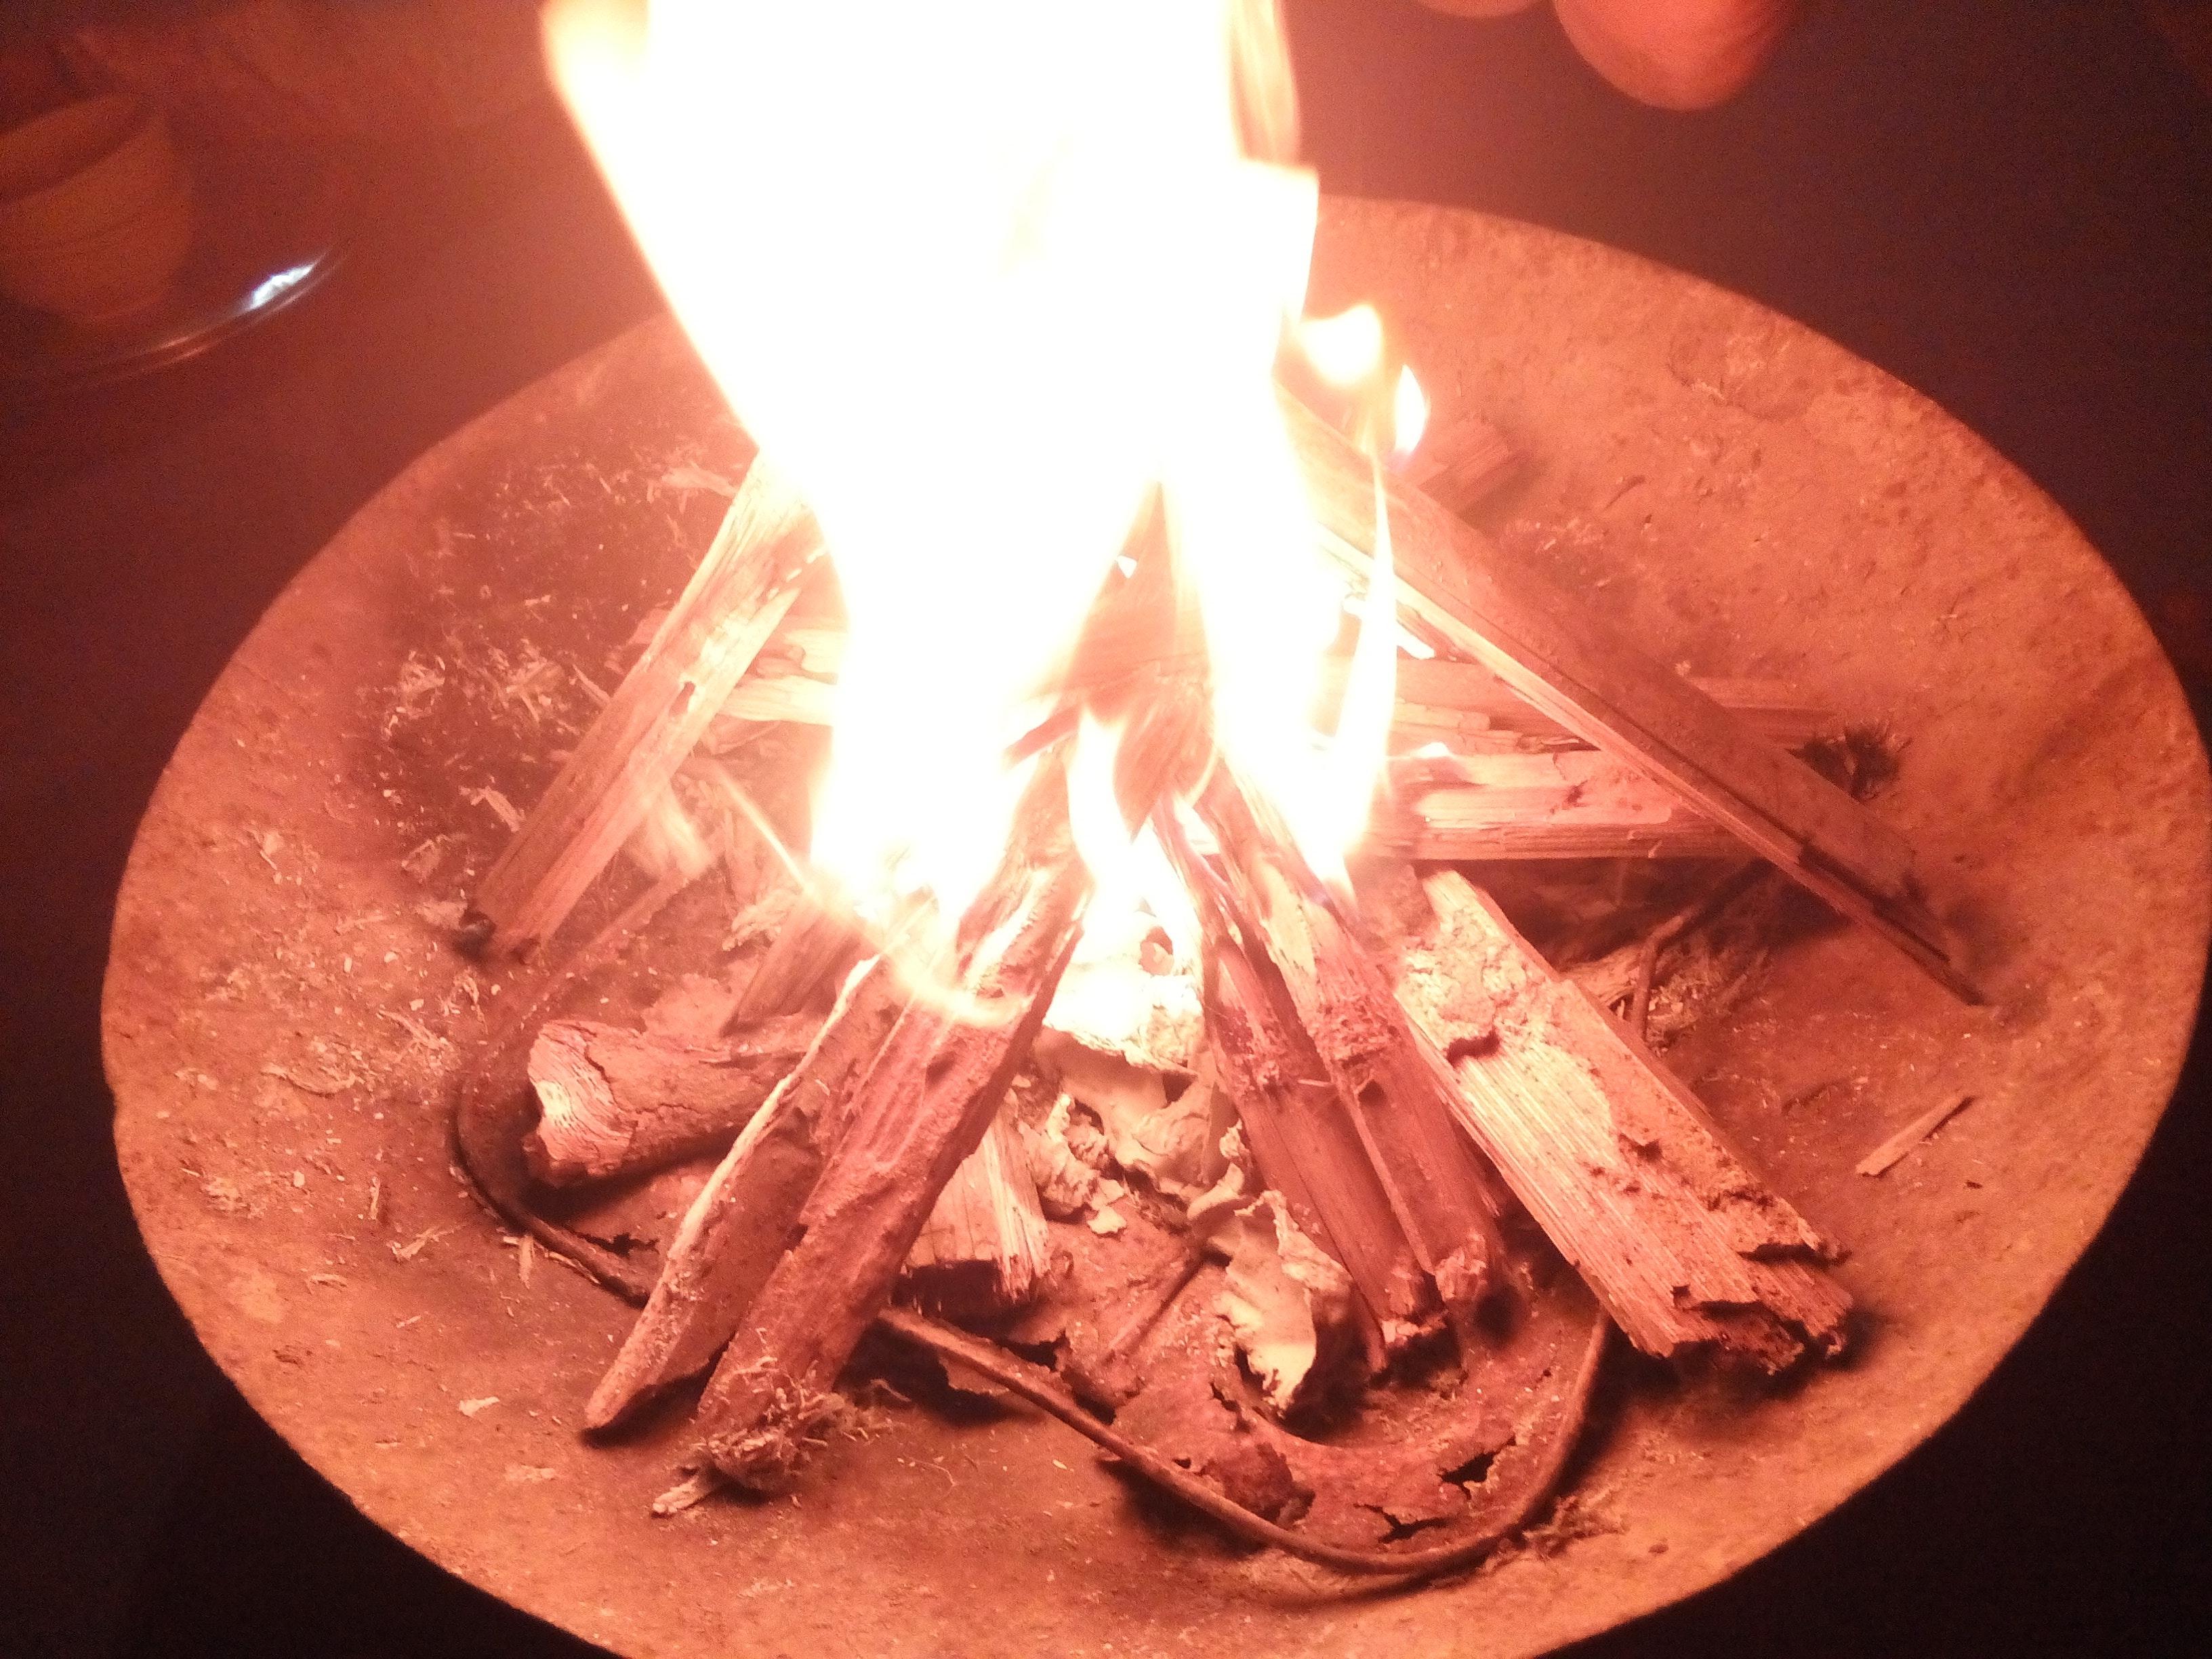 Hình ảnh ngọn lửa trong chảo cực đẹp